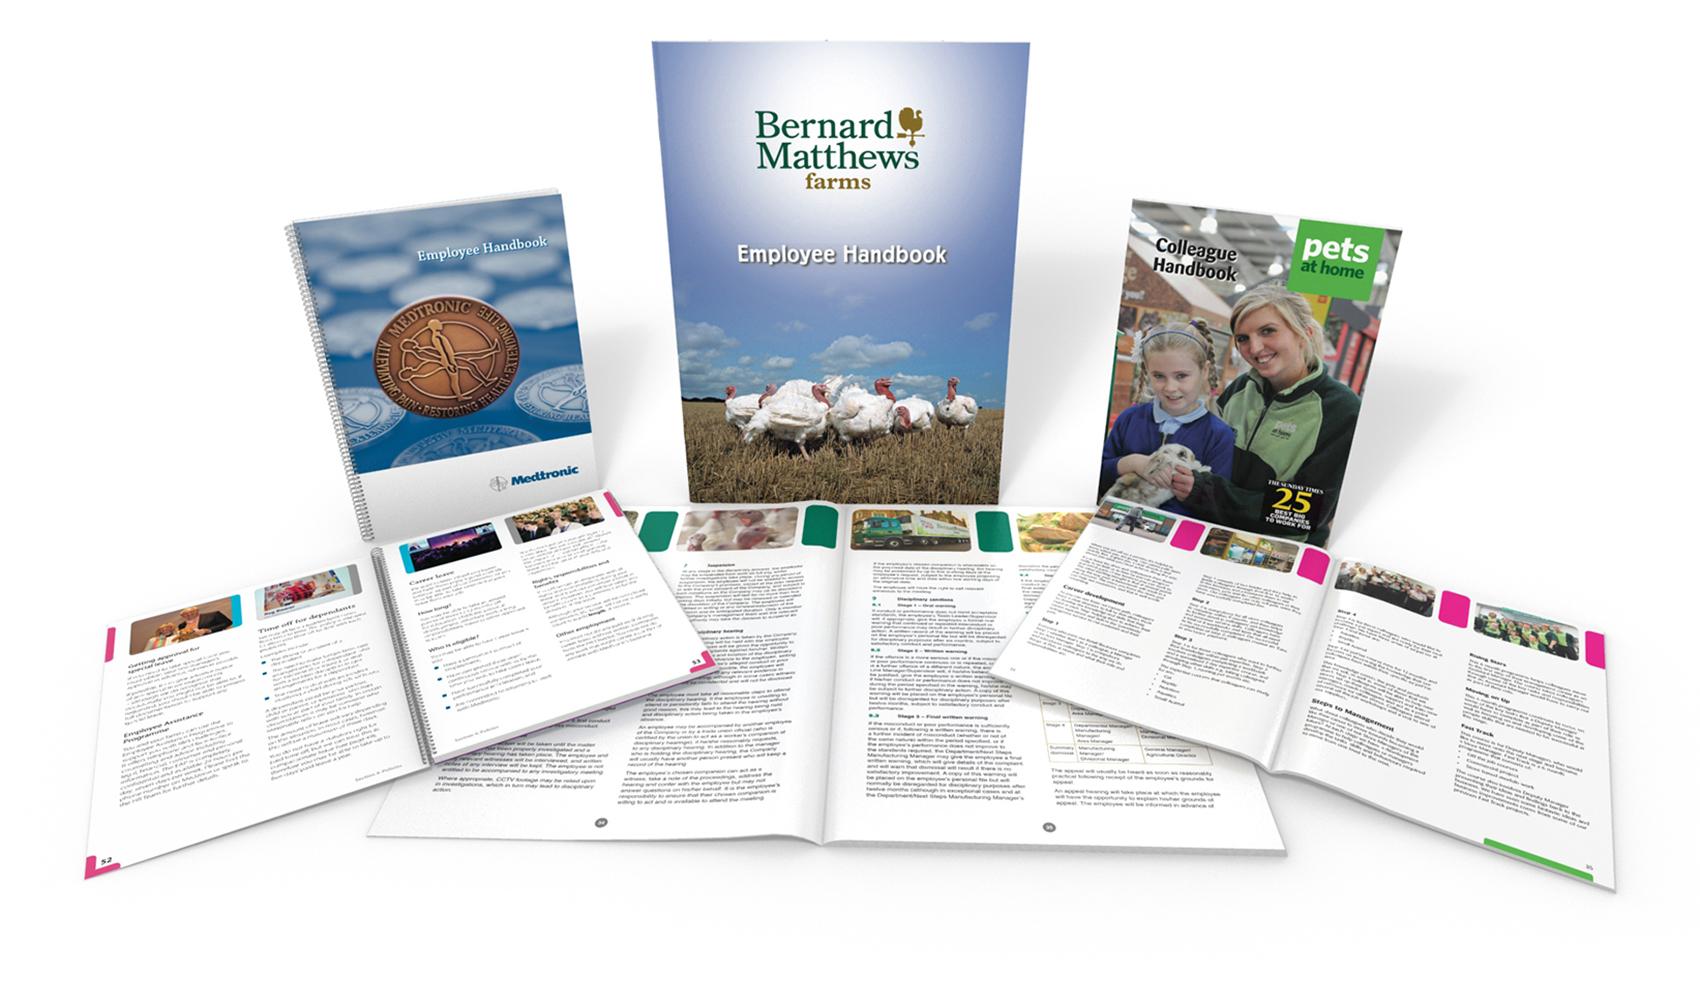 Bernard Matthews Employee Handbooks